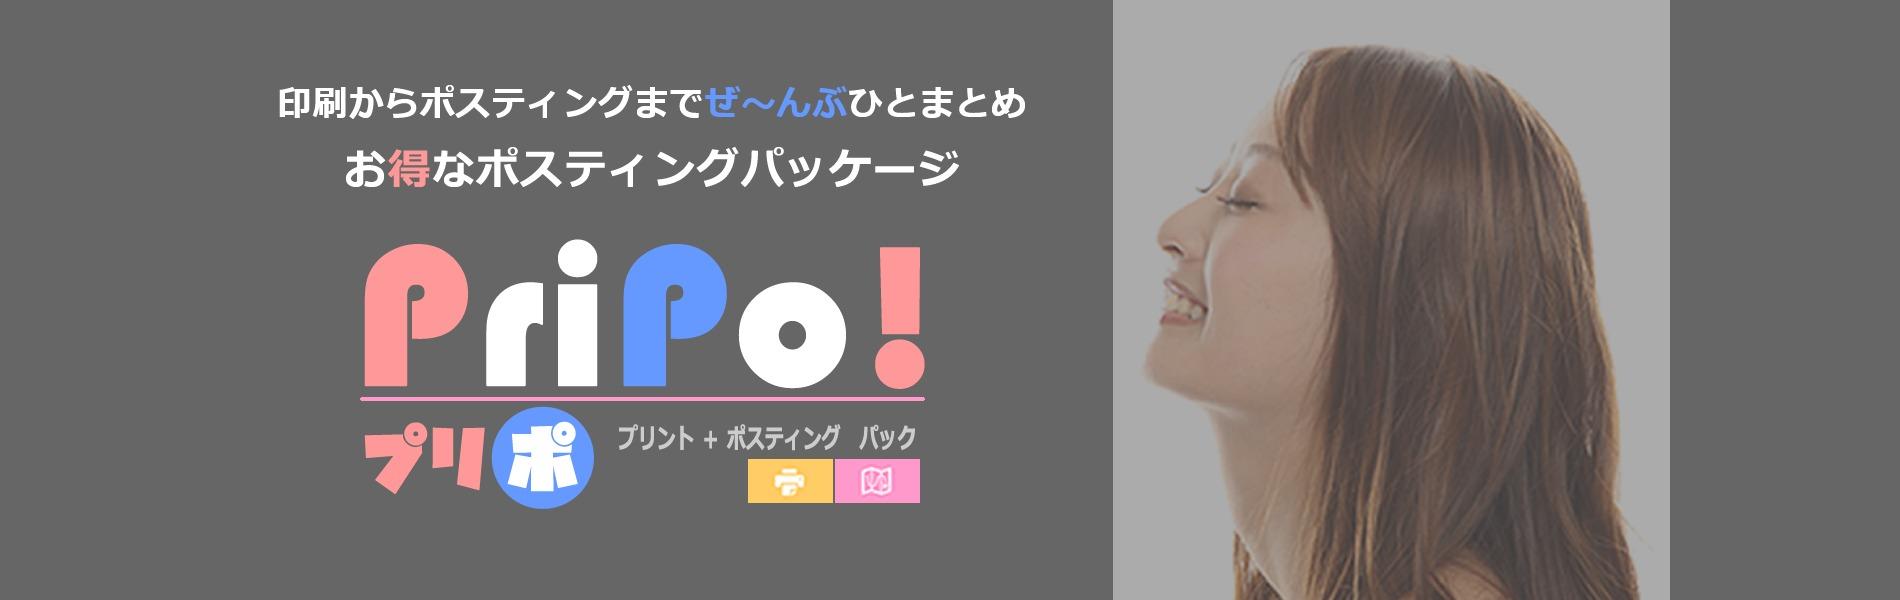 プリポ!【印刷+ポスティング パッケージ】